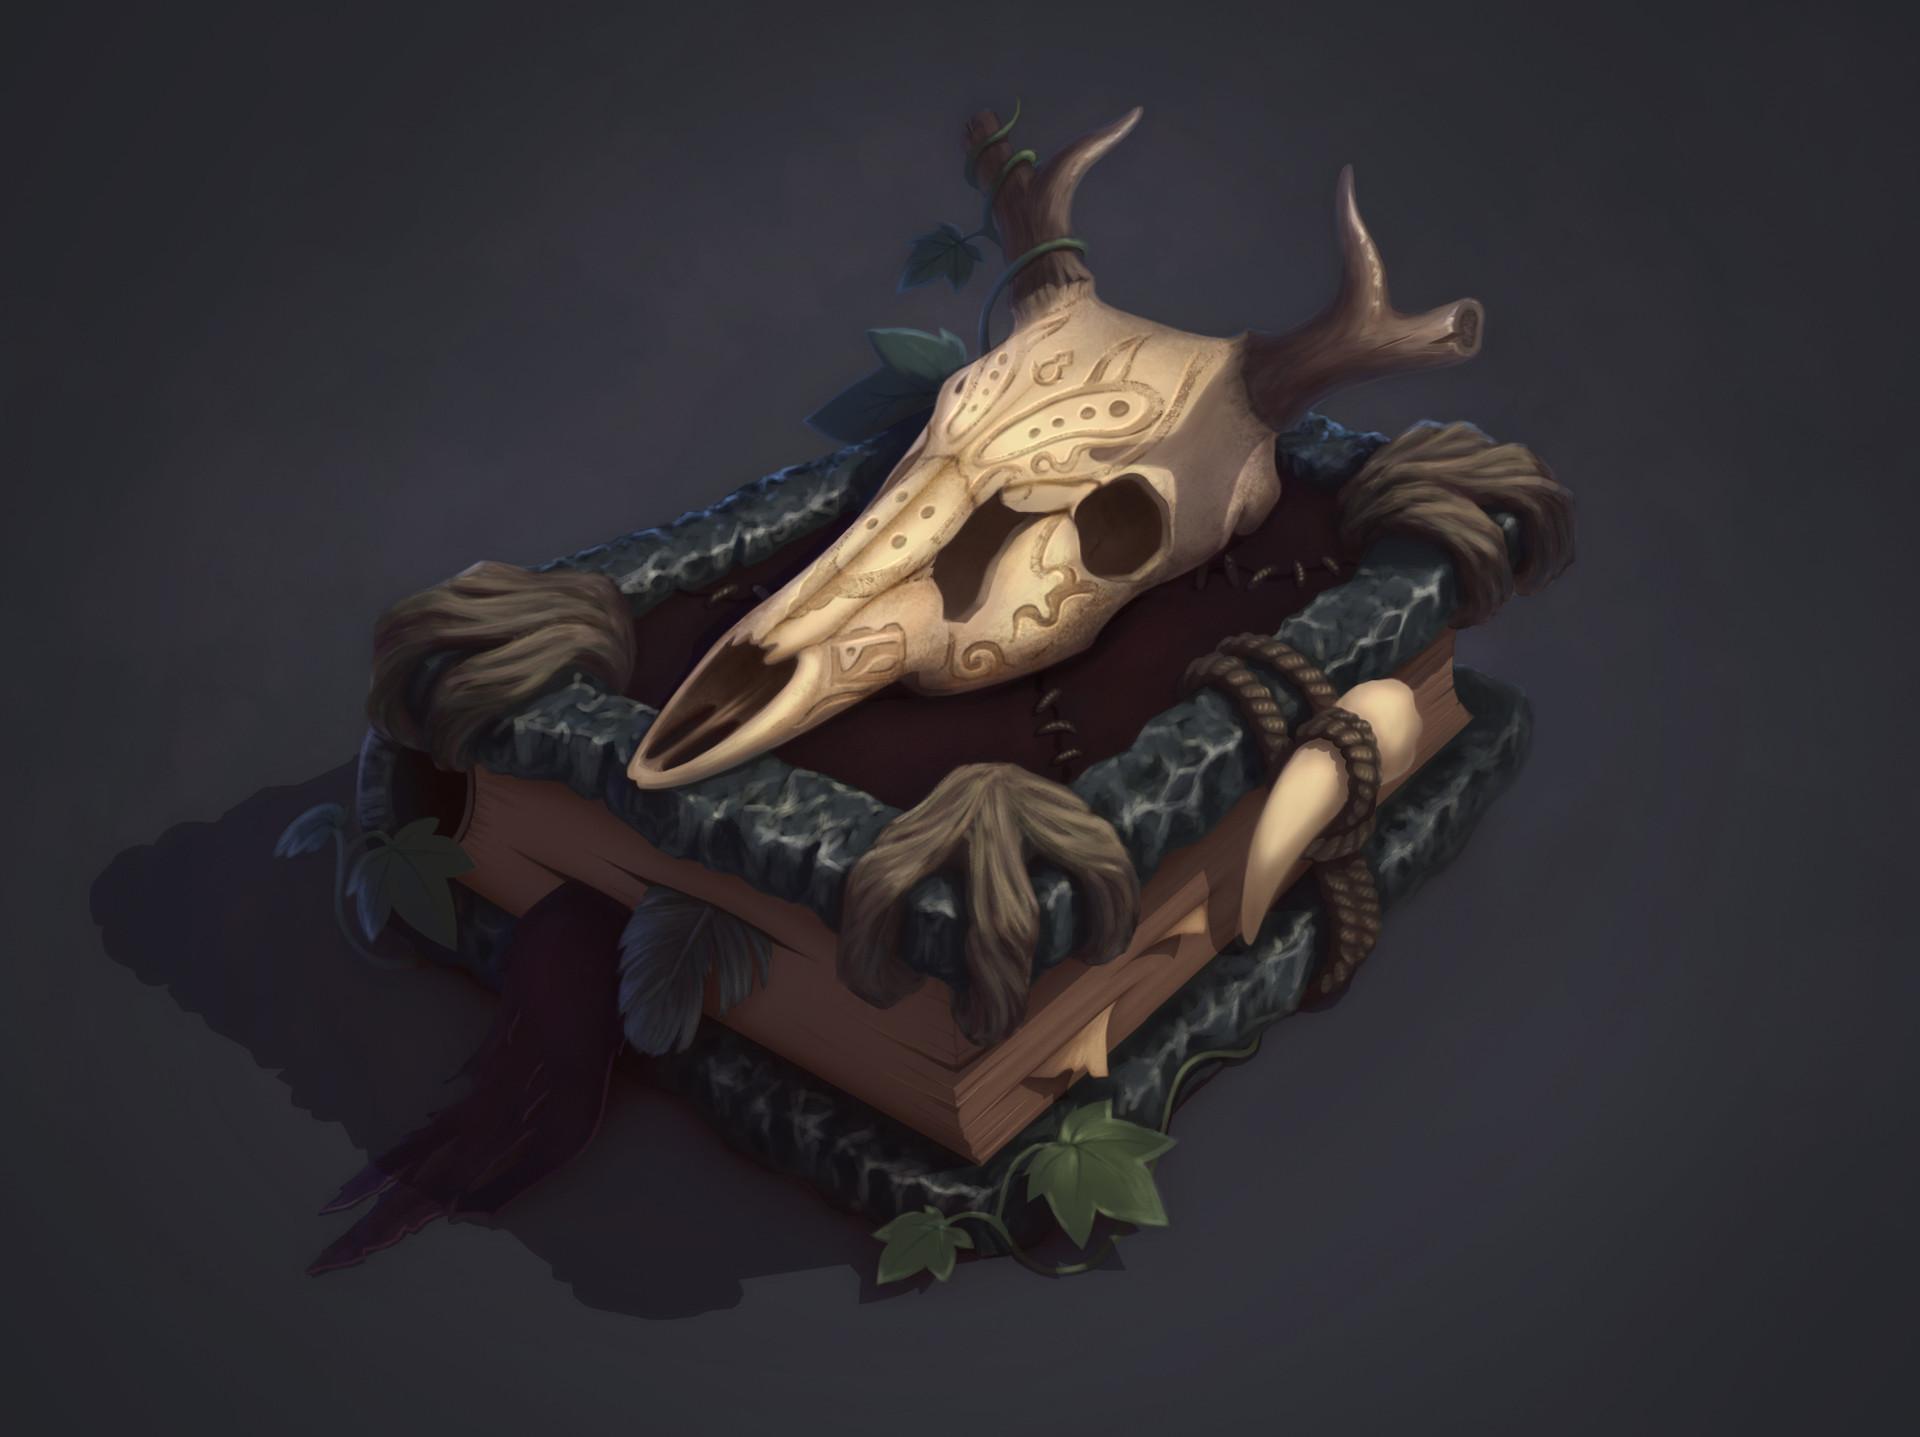 Anna Prudnikova - Bestiary (The Witcher 3 funart)